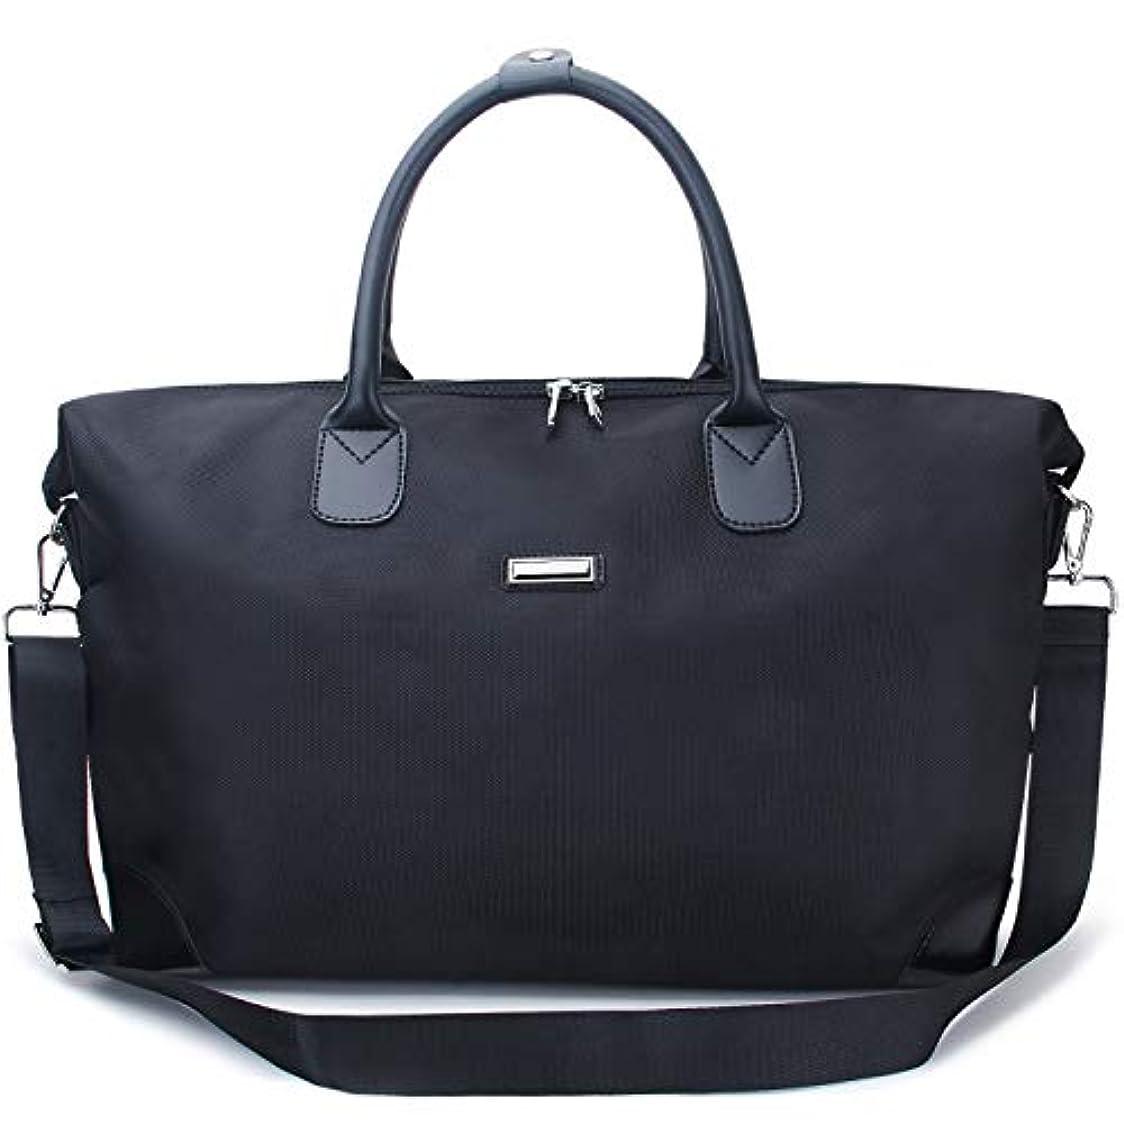 提供されたアレンジ申請中[TcIFE]ボストンバッグ レディース メンズ スポーツダッフルバッグ ガーメントバッグ 大容量 修学 旅行トラベルバッグ シューズ収納バッグ